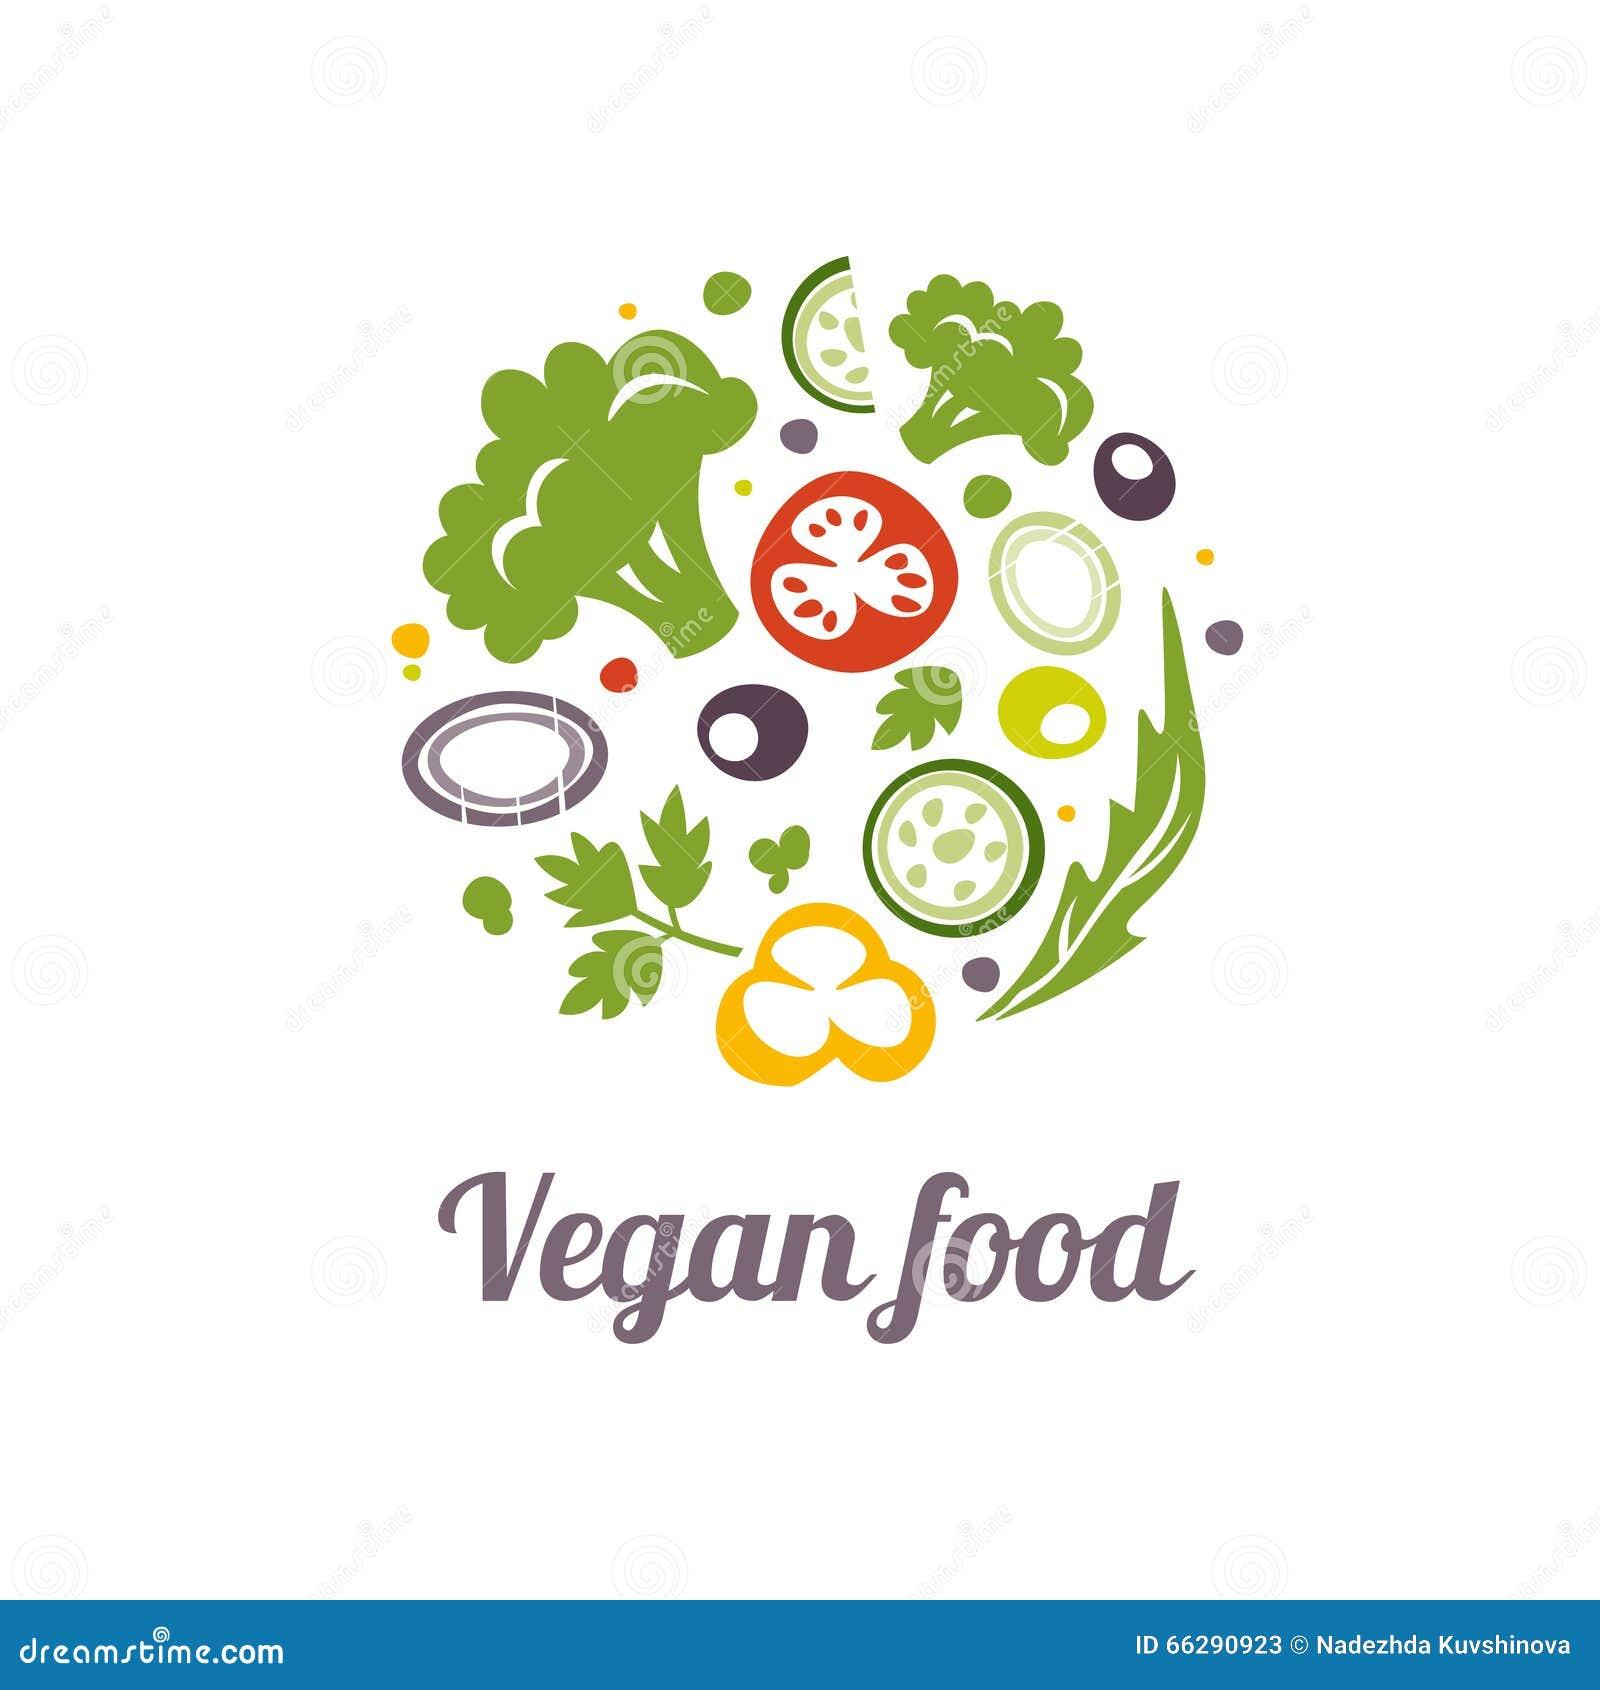 Vegan Food Icon Logo Design Vector Template Stock Vector